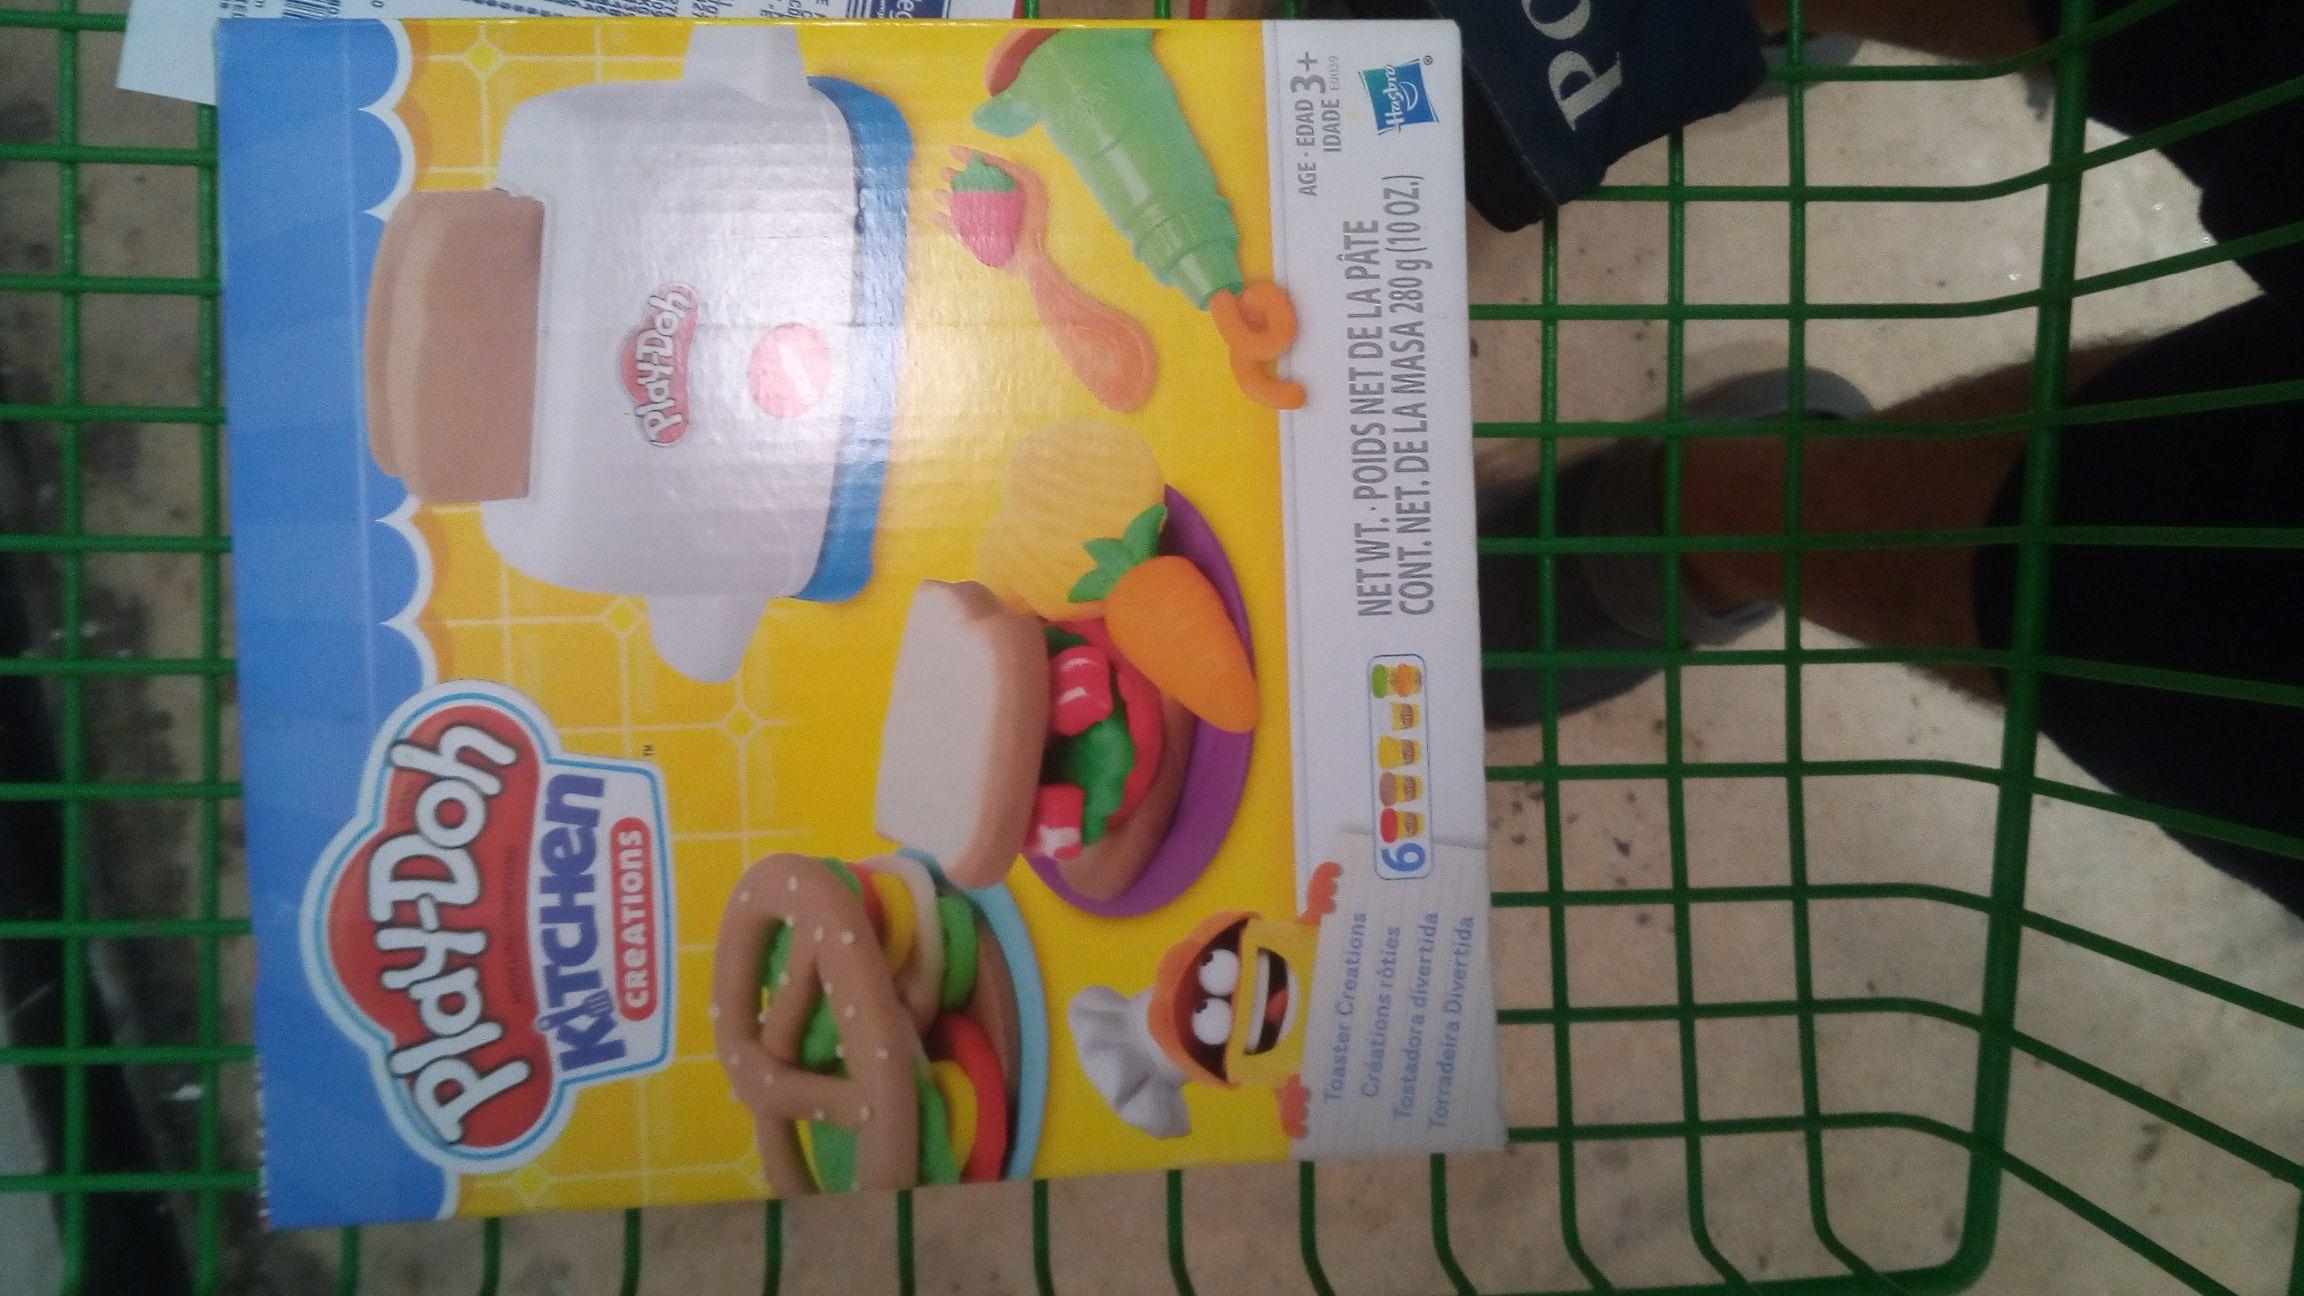 Bodega Aurrerá Itzaes: Tostadora Play-Doh y mas